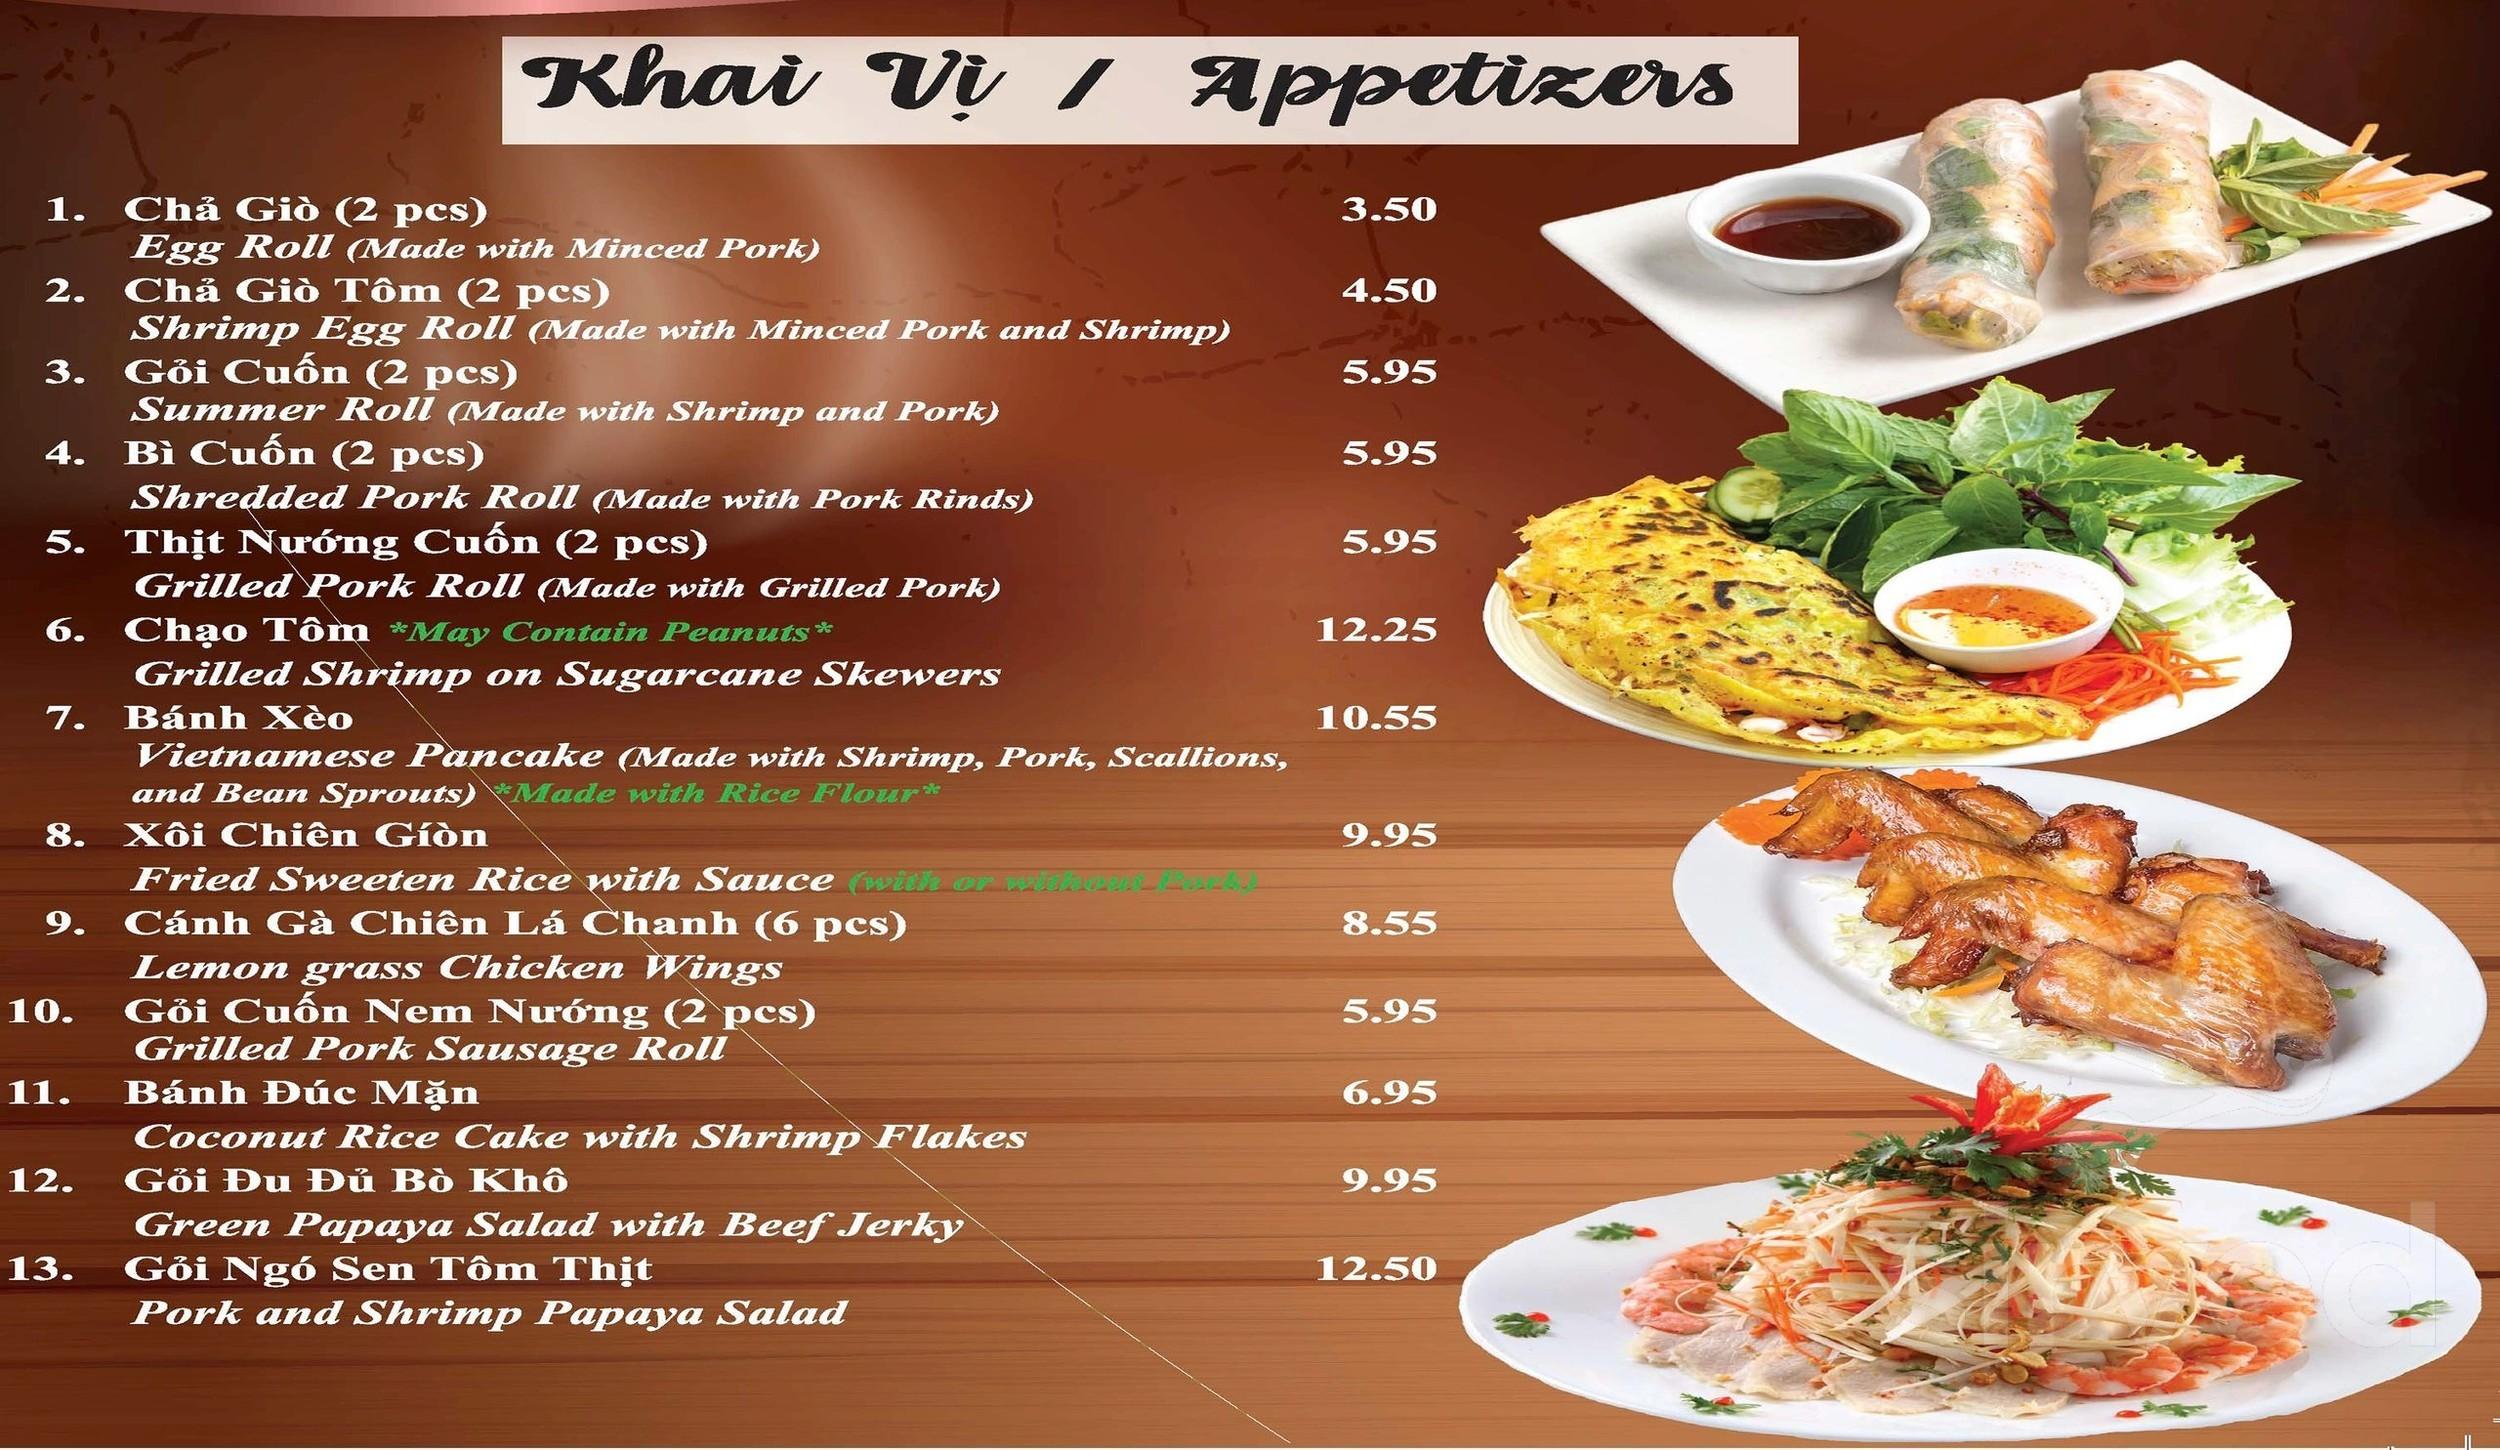 Pho One Vietnamese Restaurant Menu In Metuchen New Jersey